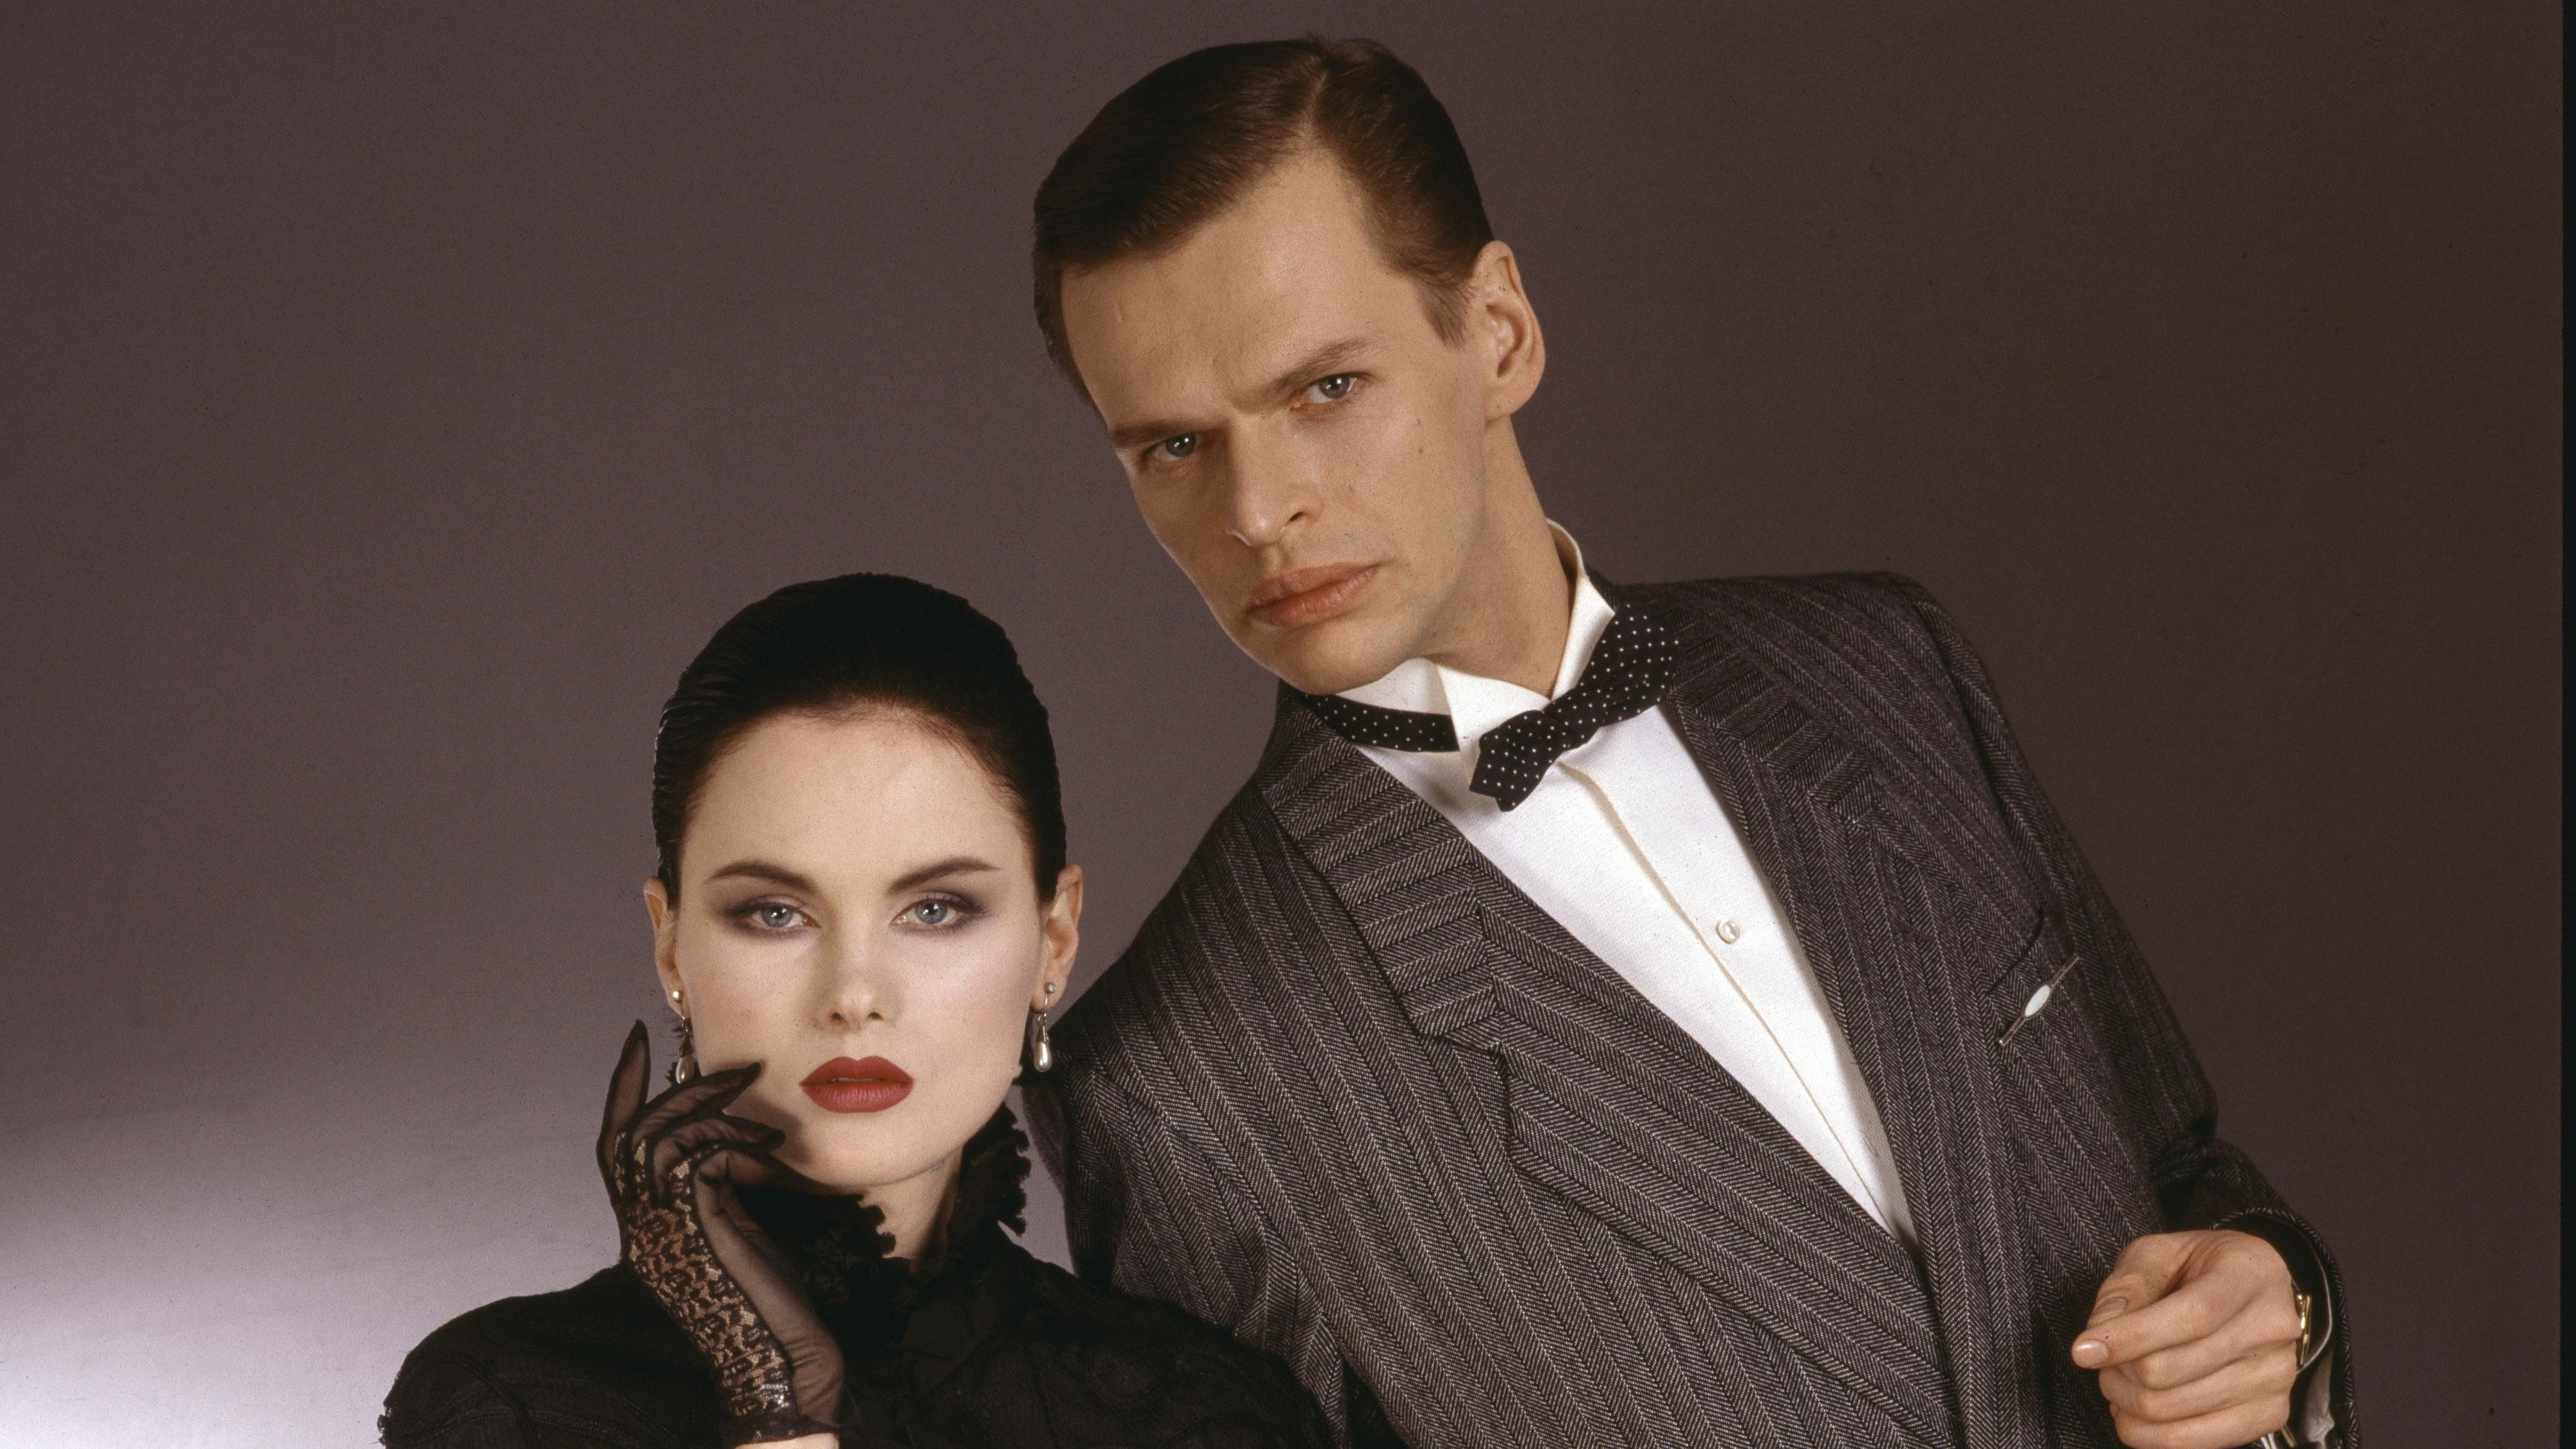 Helena Lindgren ja Jorma Uotinen olivat vuonna 1984 aikansa kiinnostavimpia pareja.